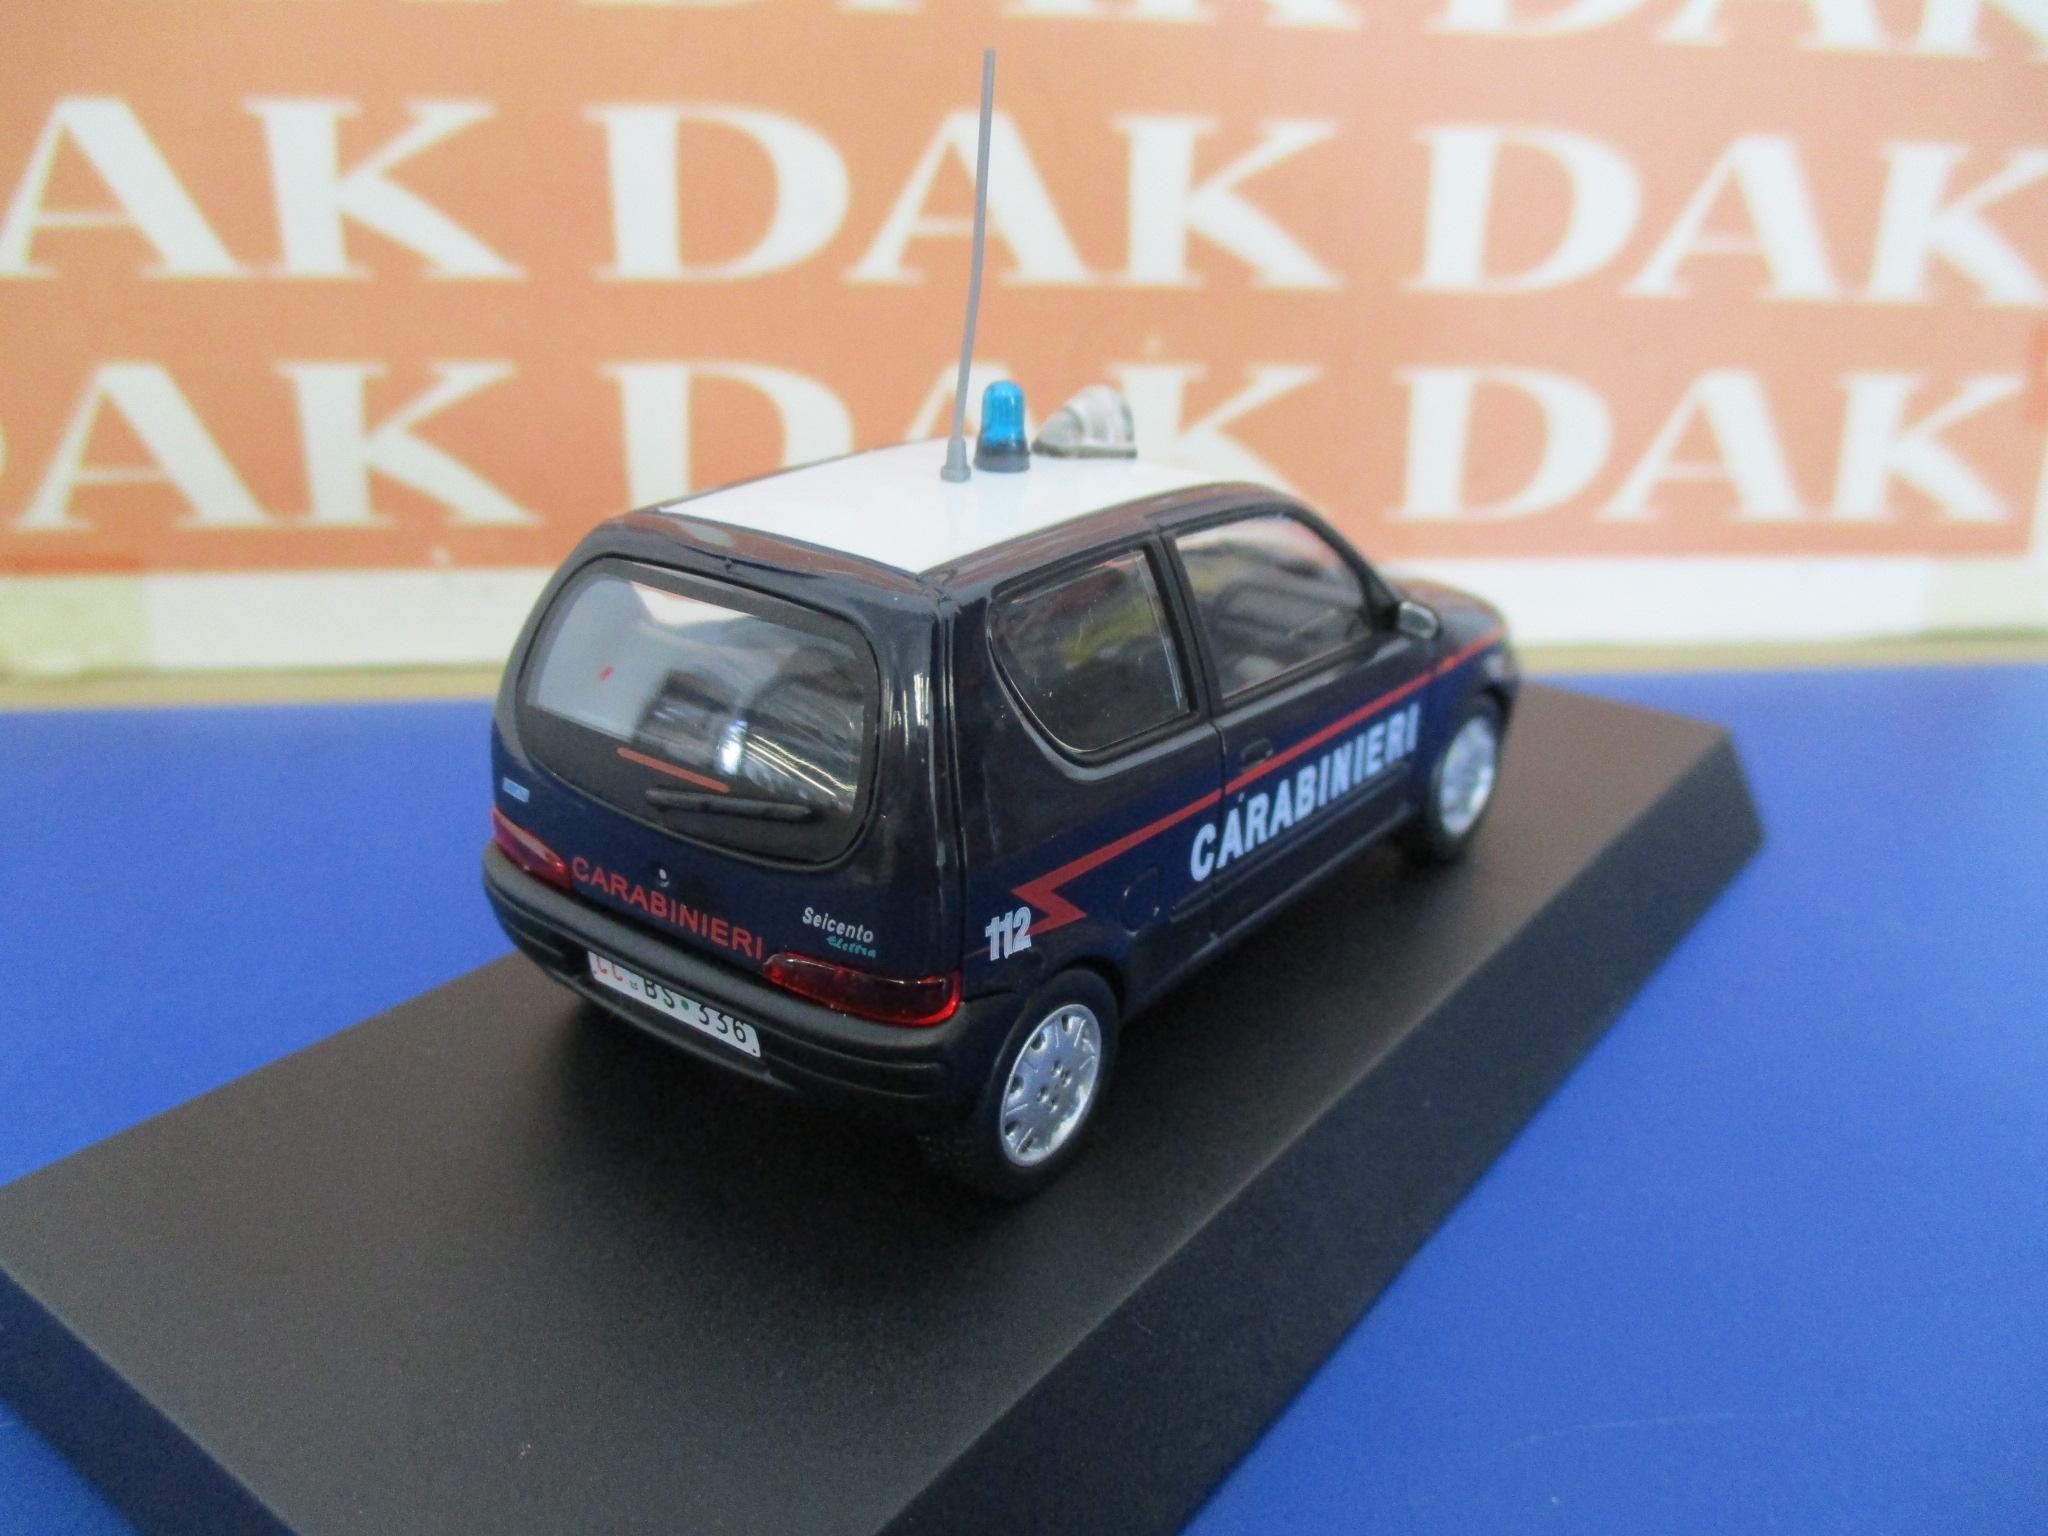 Cr22h car 1//43 carabinieri fiat 600 elettra 2003